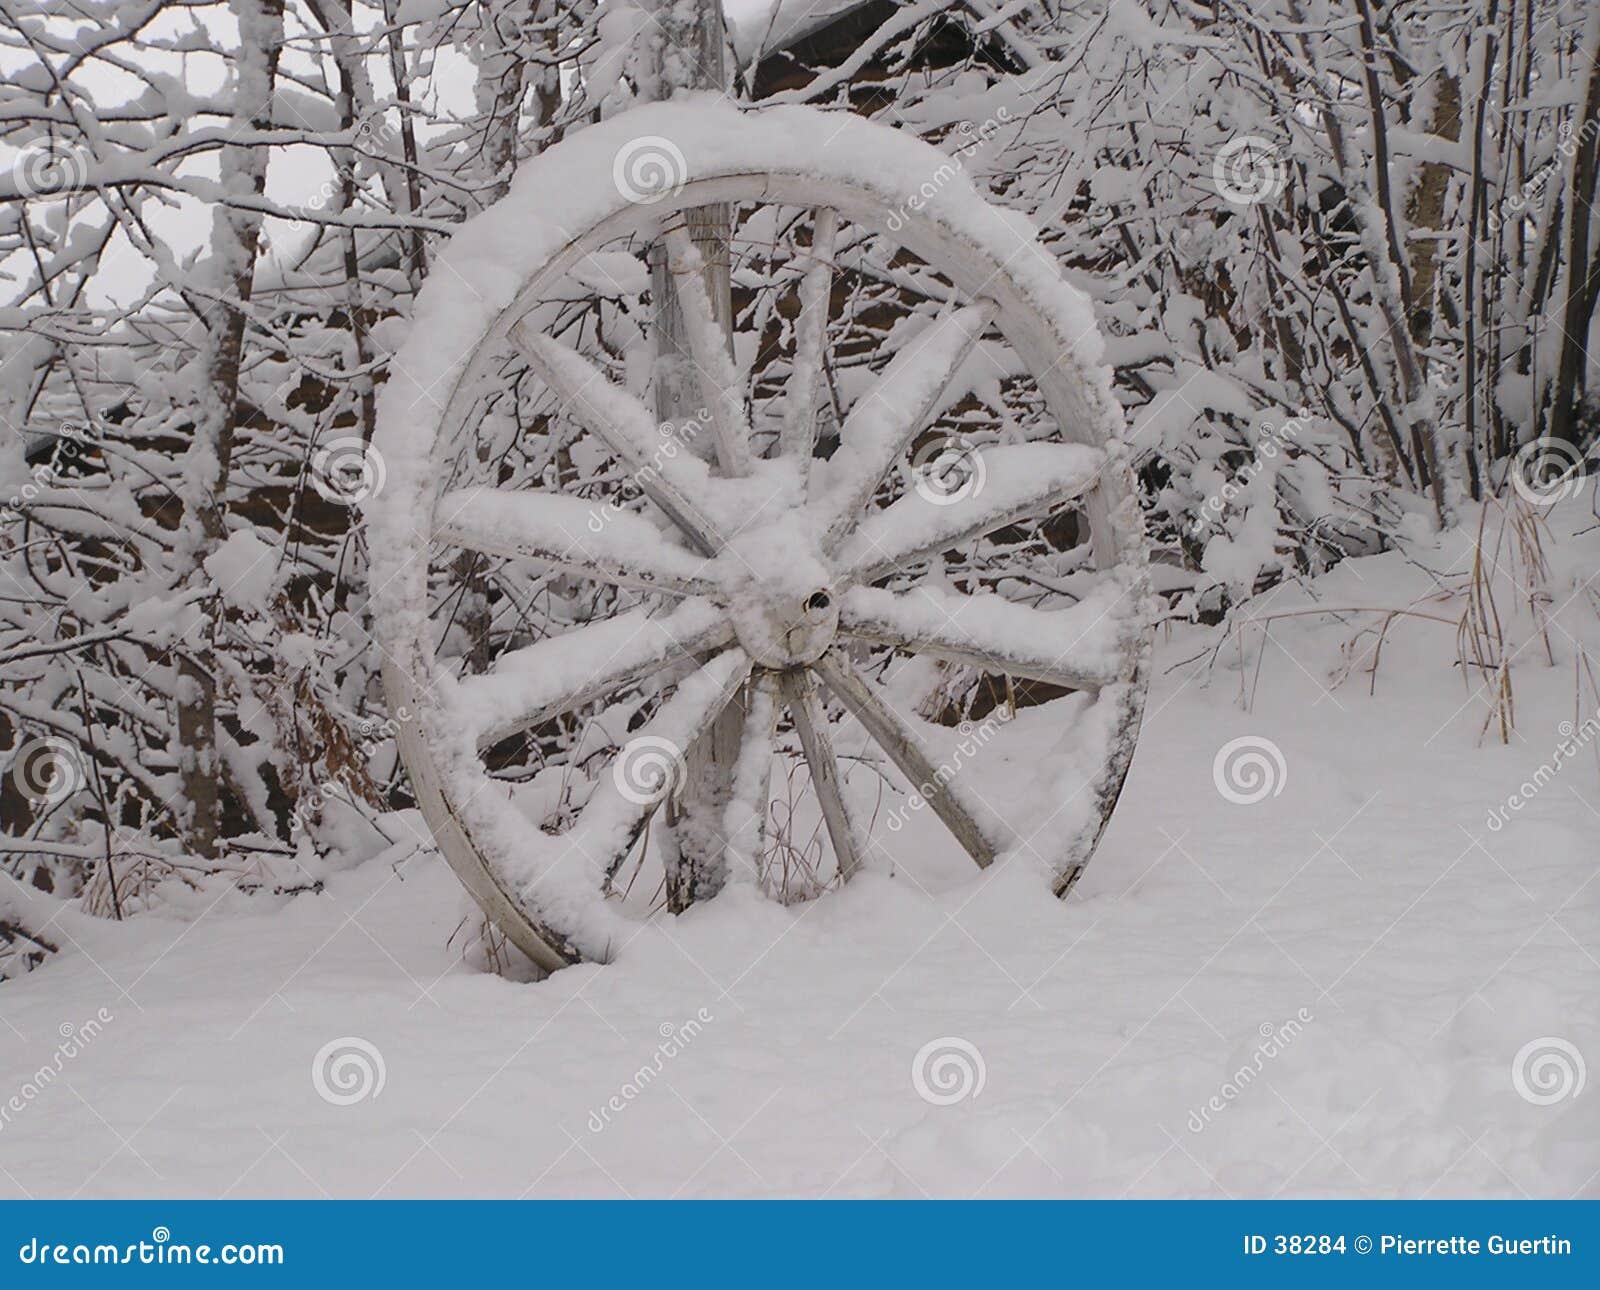 Abandoned wagon wheel